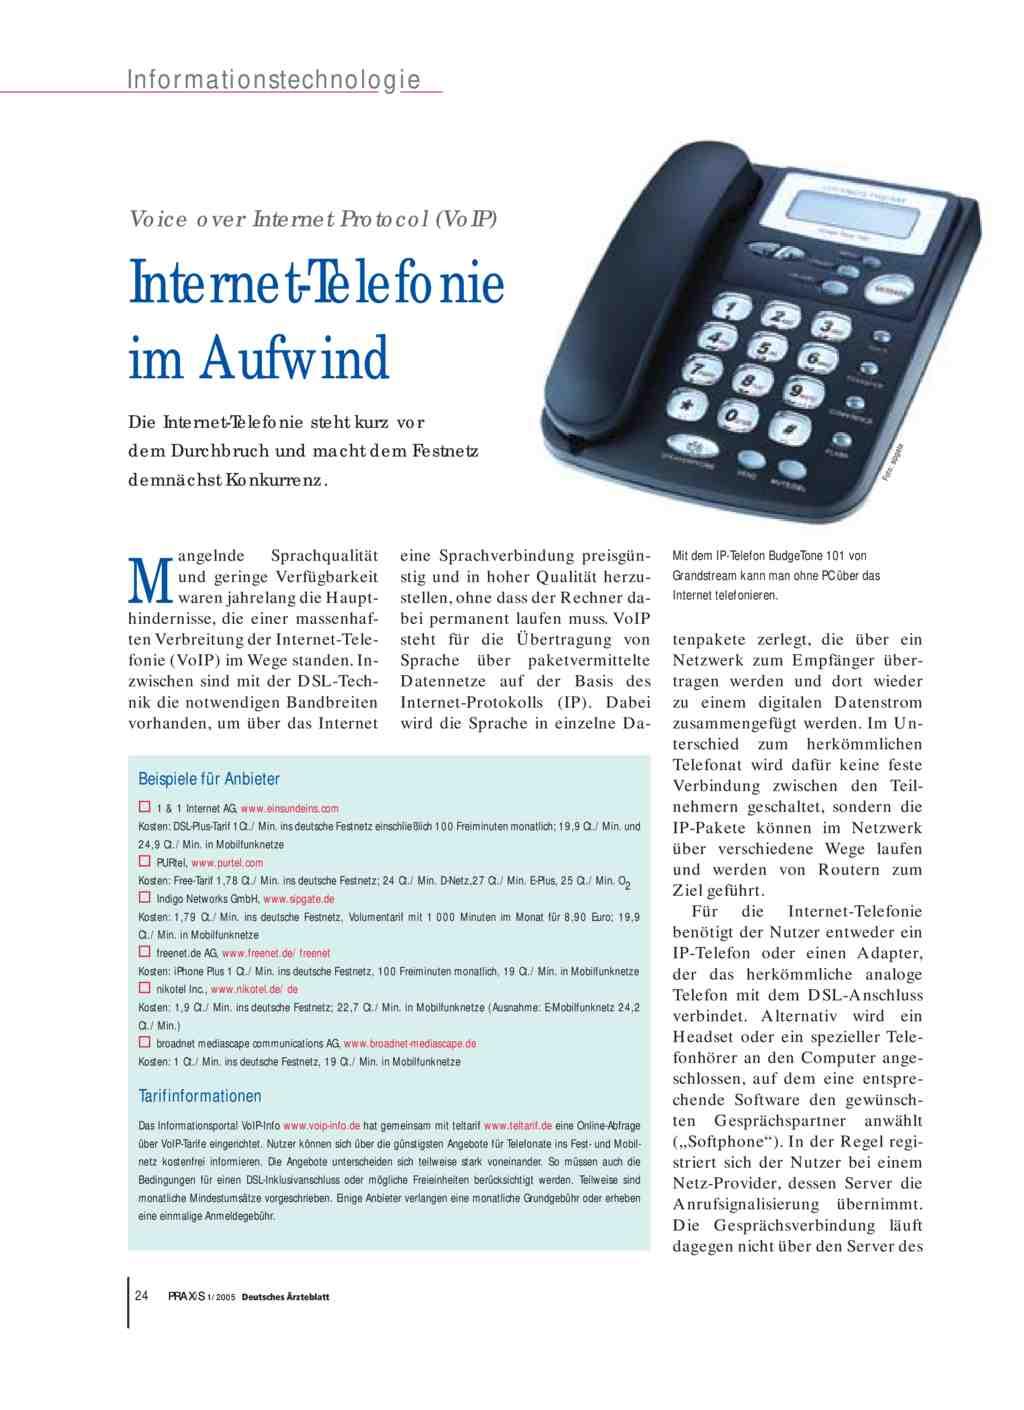 Voice Over Internet Protocol Voip Internet Telefonie Im Aufwind